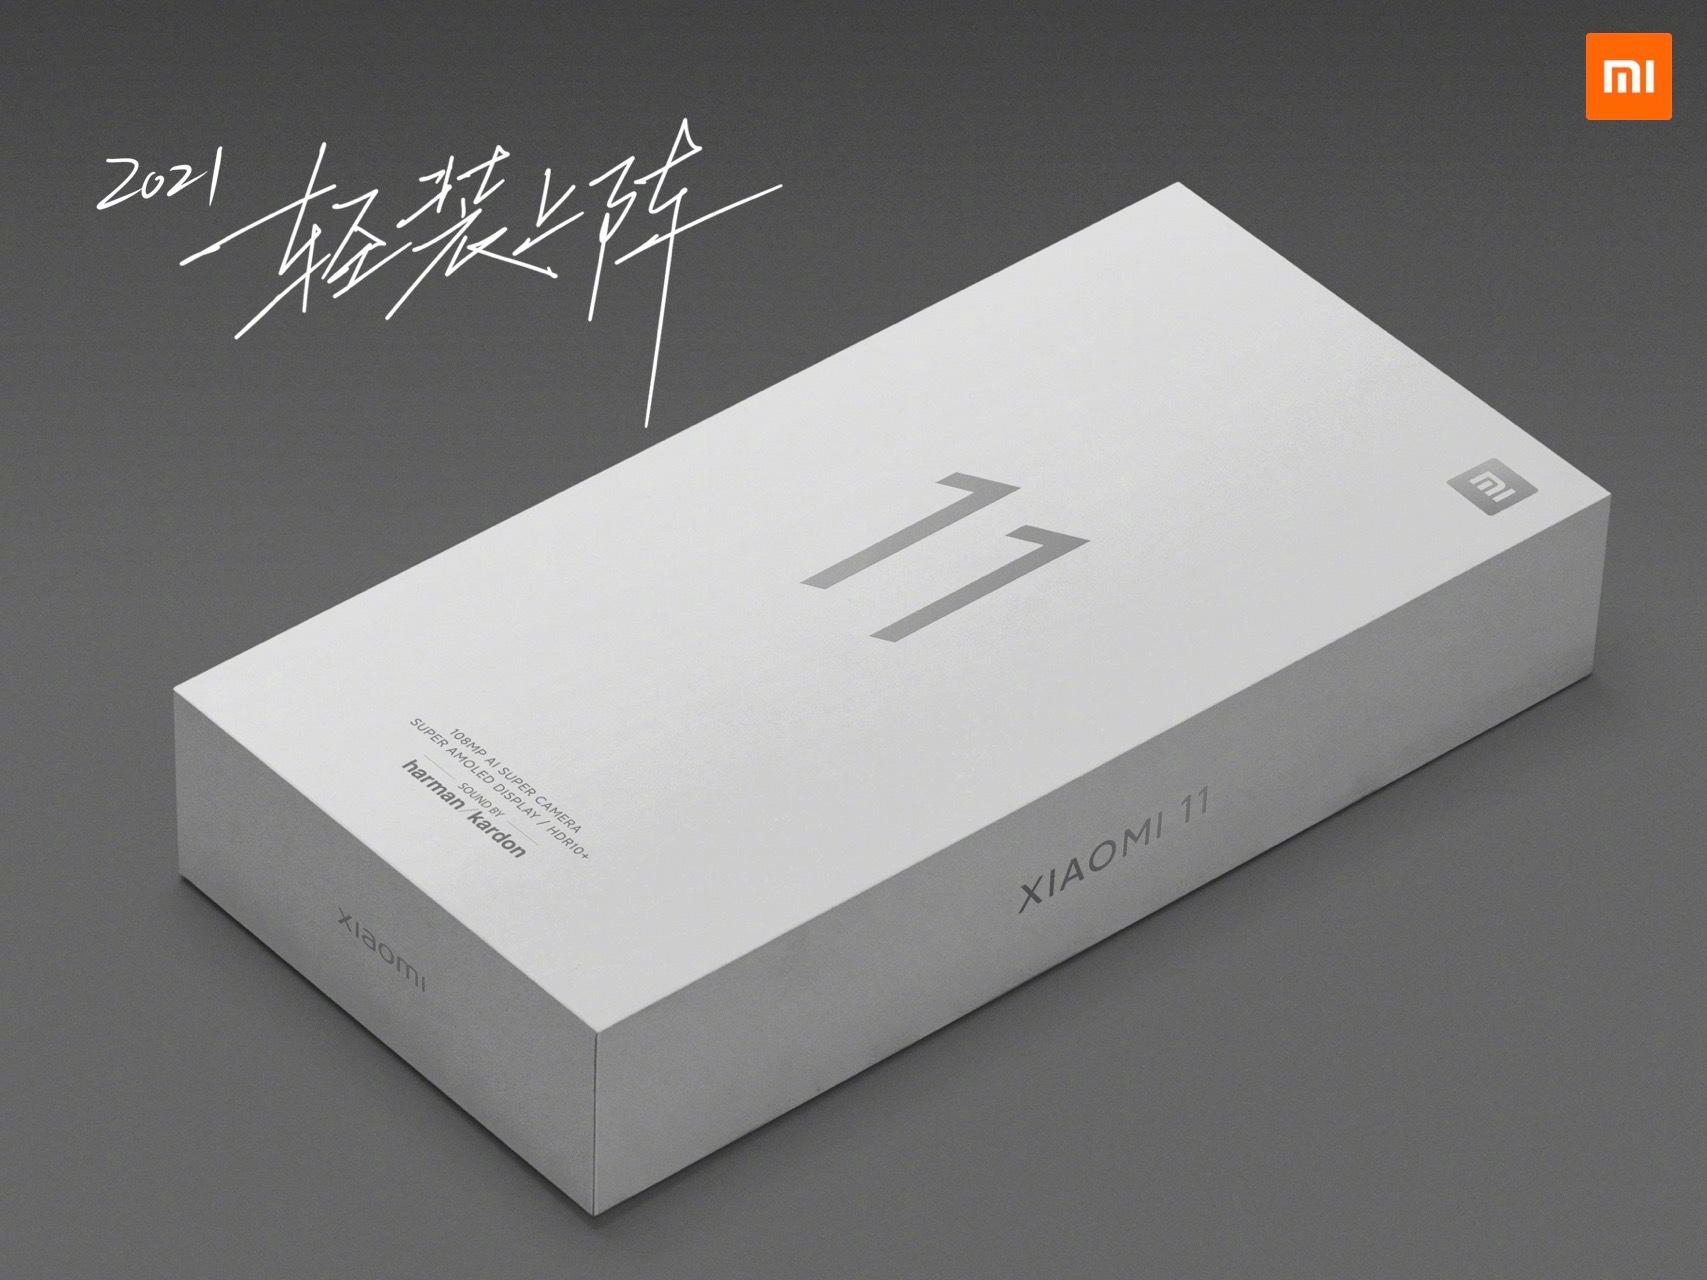 Mi 11 : malgré ses moqueries, Xiaomi ne fournira pas de chargeur